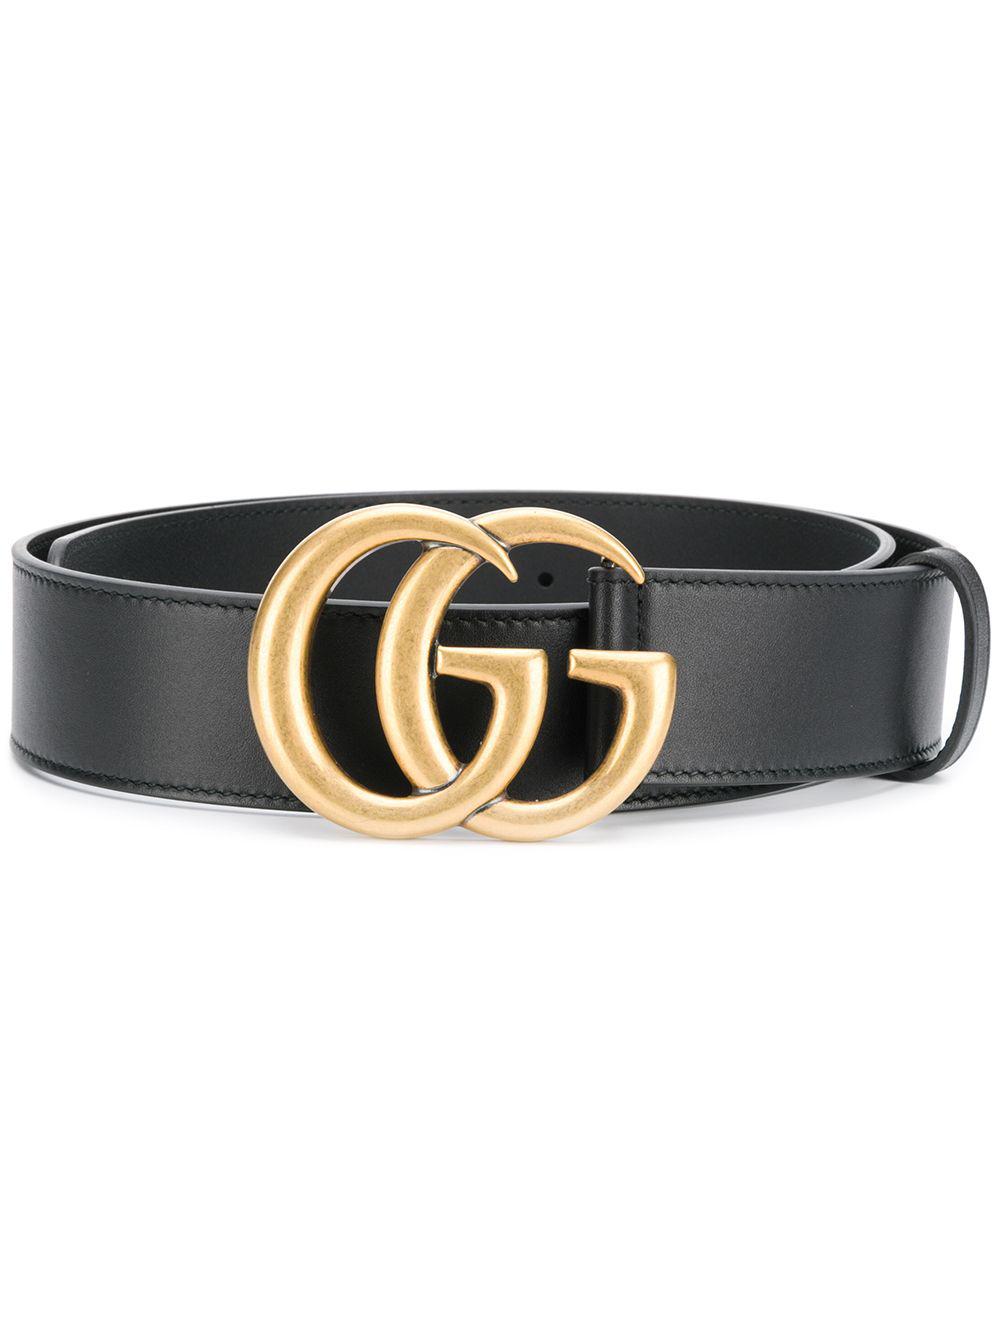 02531184a9c Gucci Cintura Donna Leather Belt In Mystic White